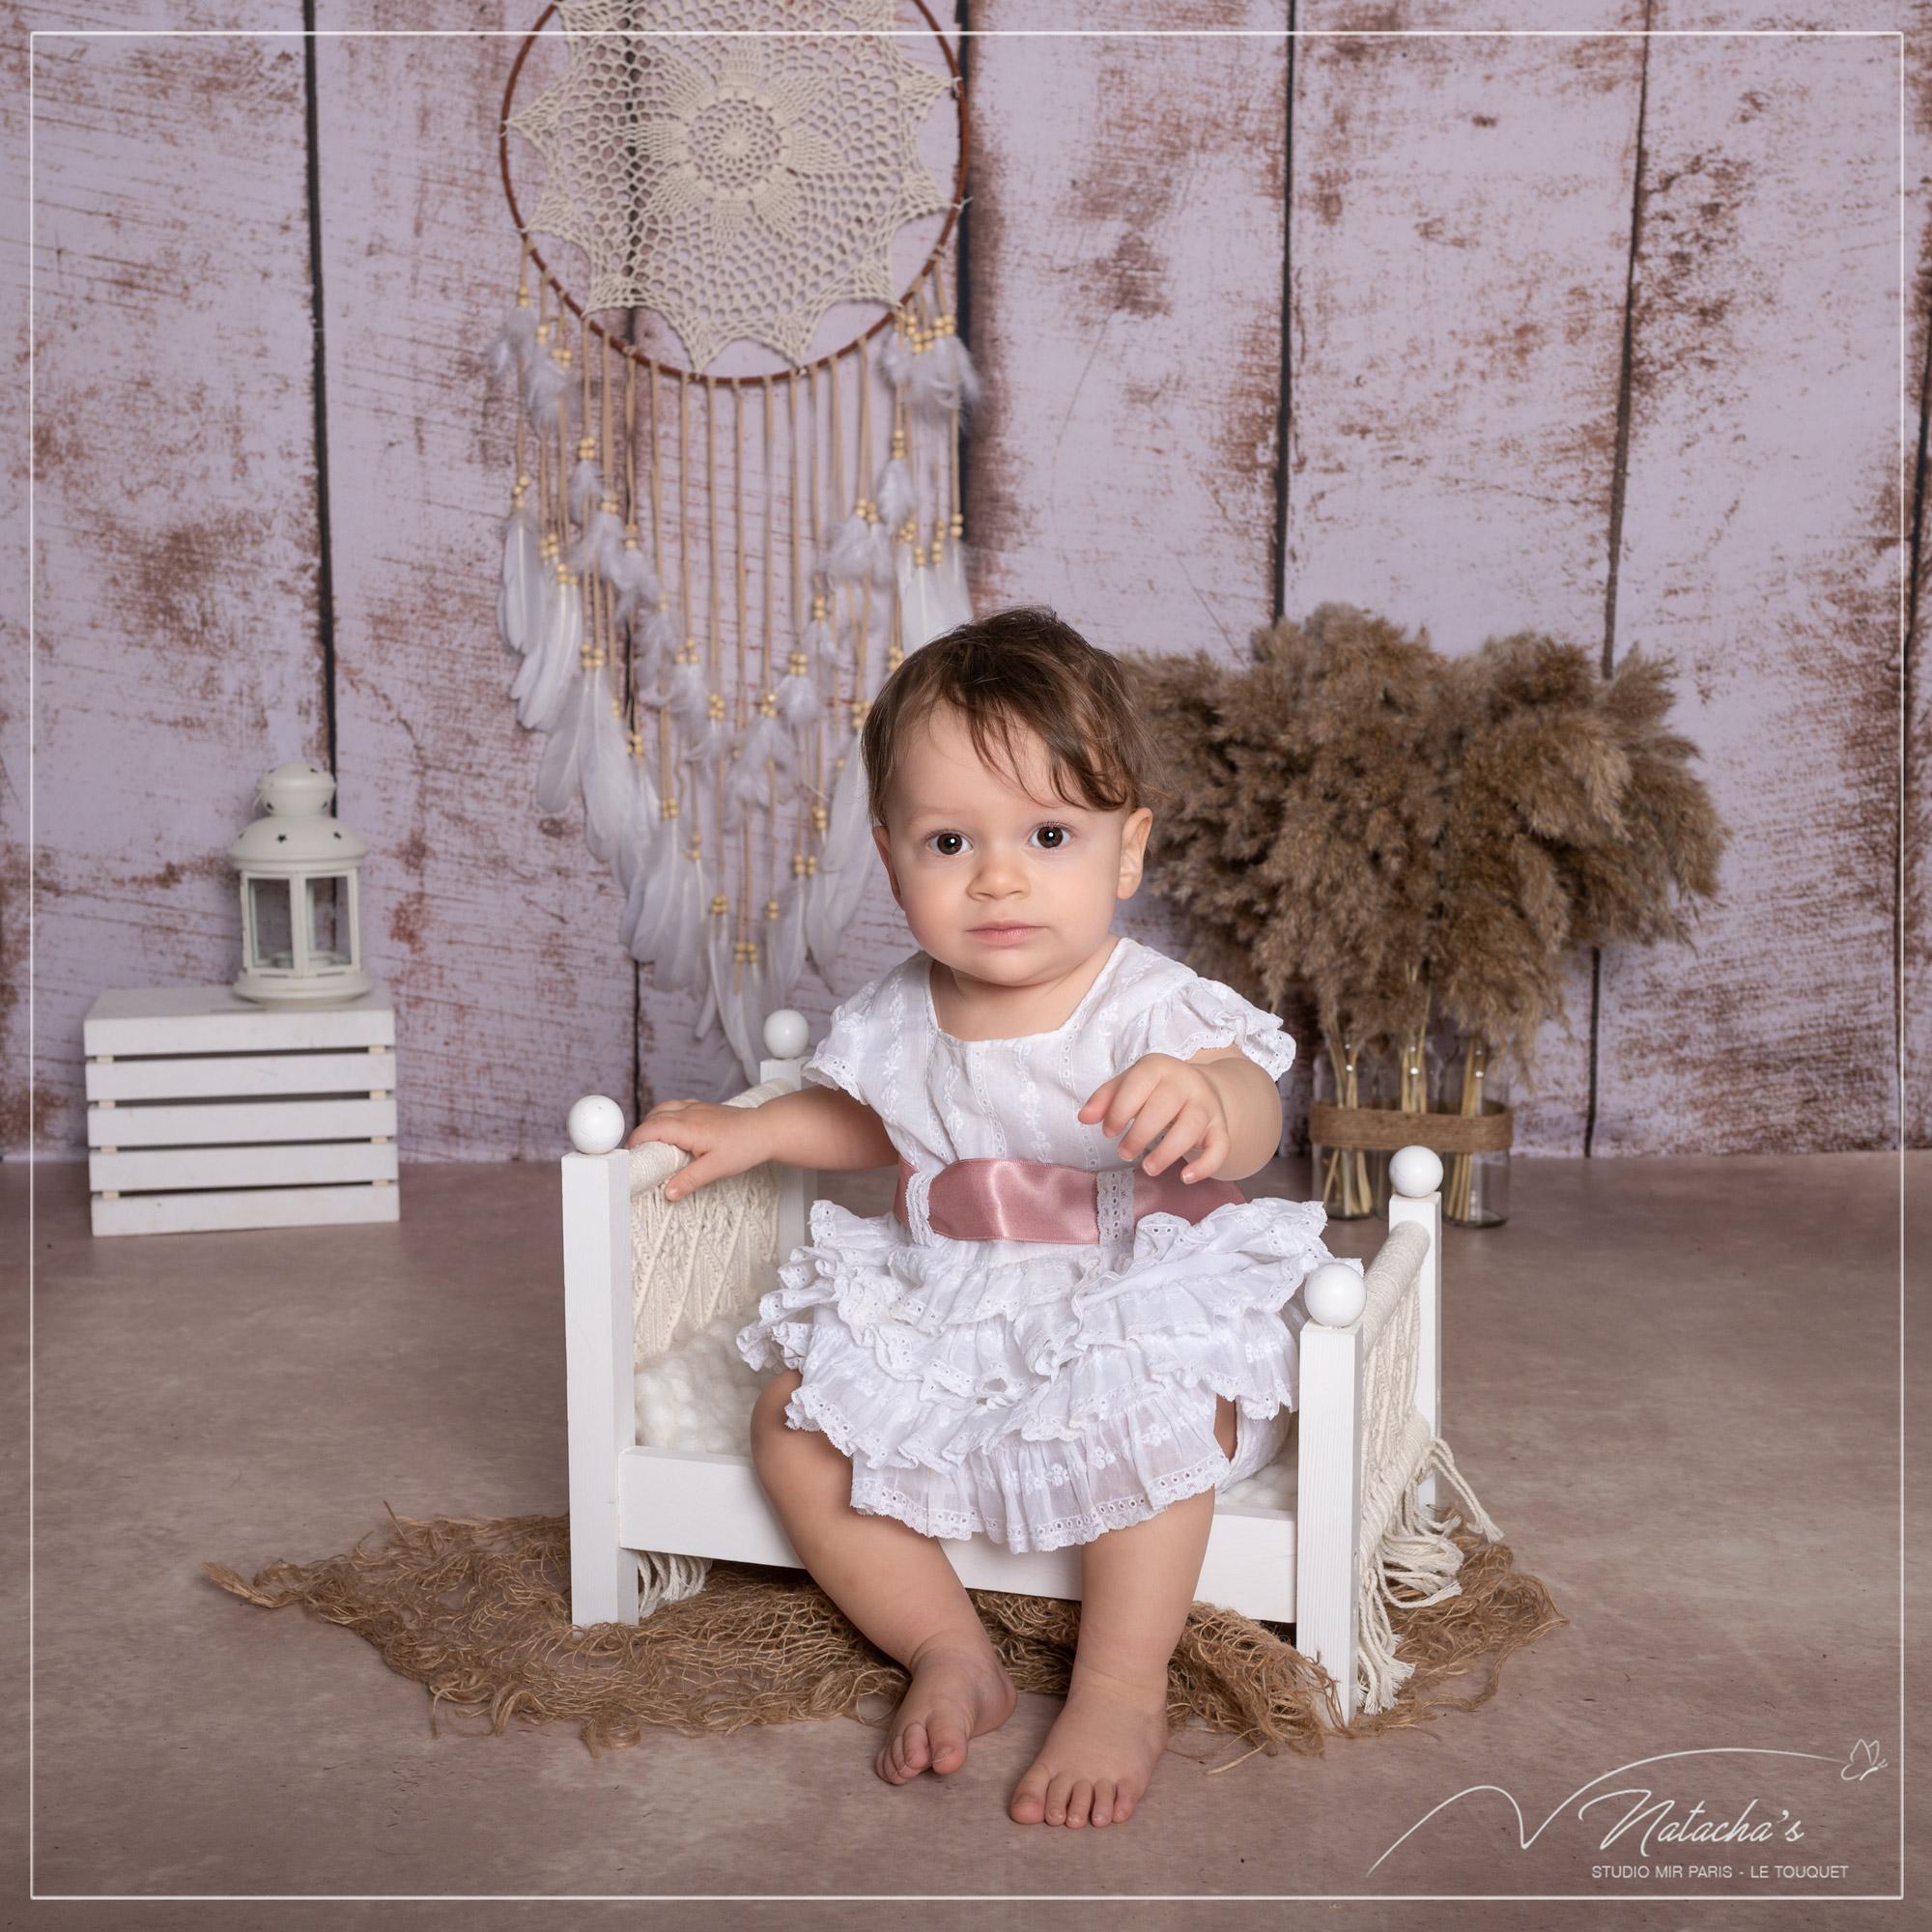 Photographe enfant : Studio photo pour bébé dans le Val de Marne